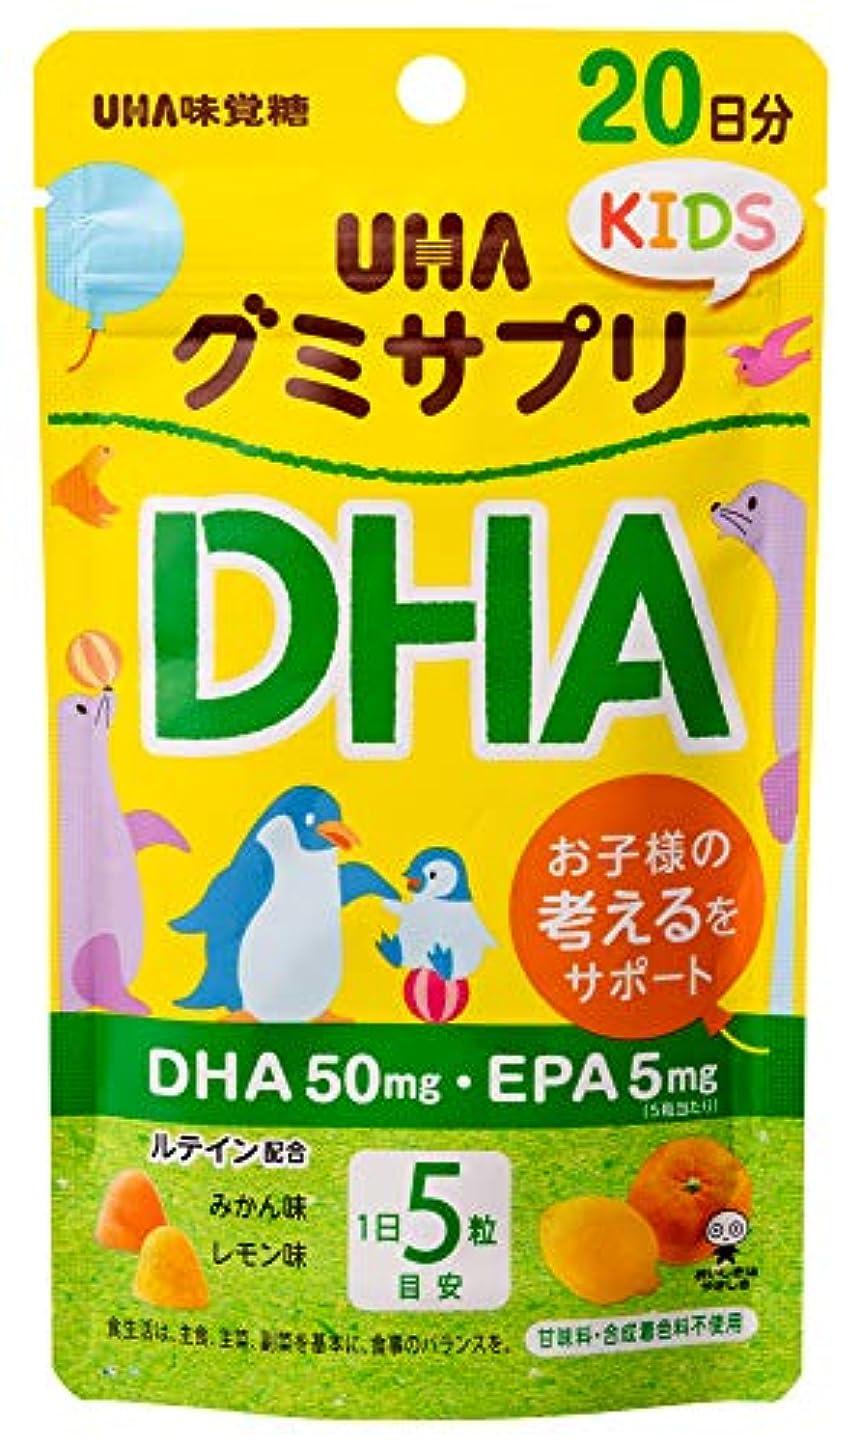 安らぎバイナリ収束するUHAグミサプリキッズ DHA みかん?レモン味アソート スタンドパウチ 20日分100粒